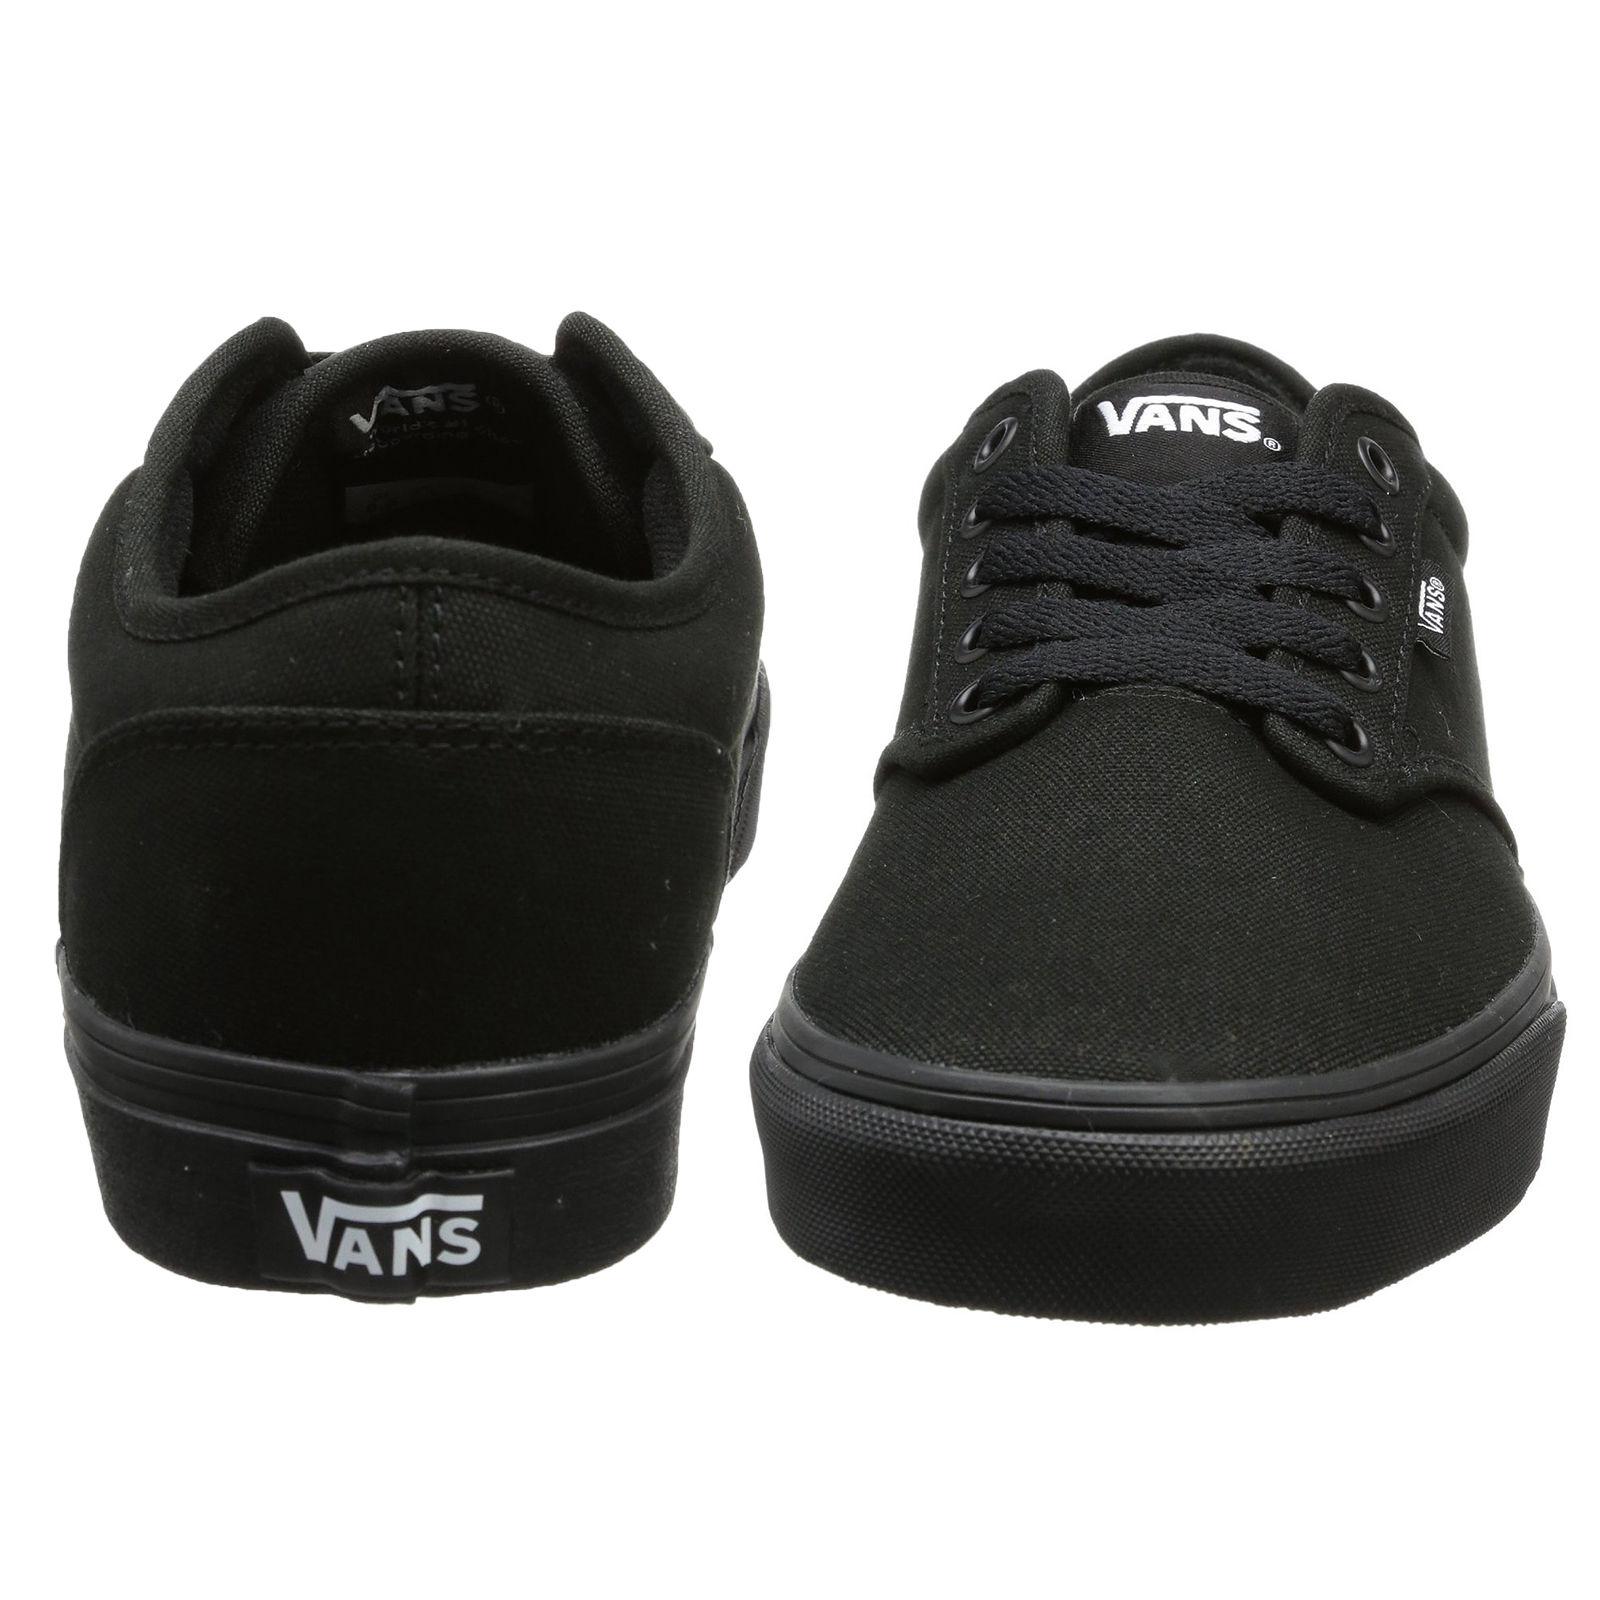 Détails sur Vans Atwood Hommes Toile Patineuse Baskets Uni Chaussures Tennis à Lacets Noir